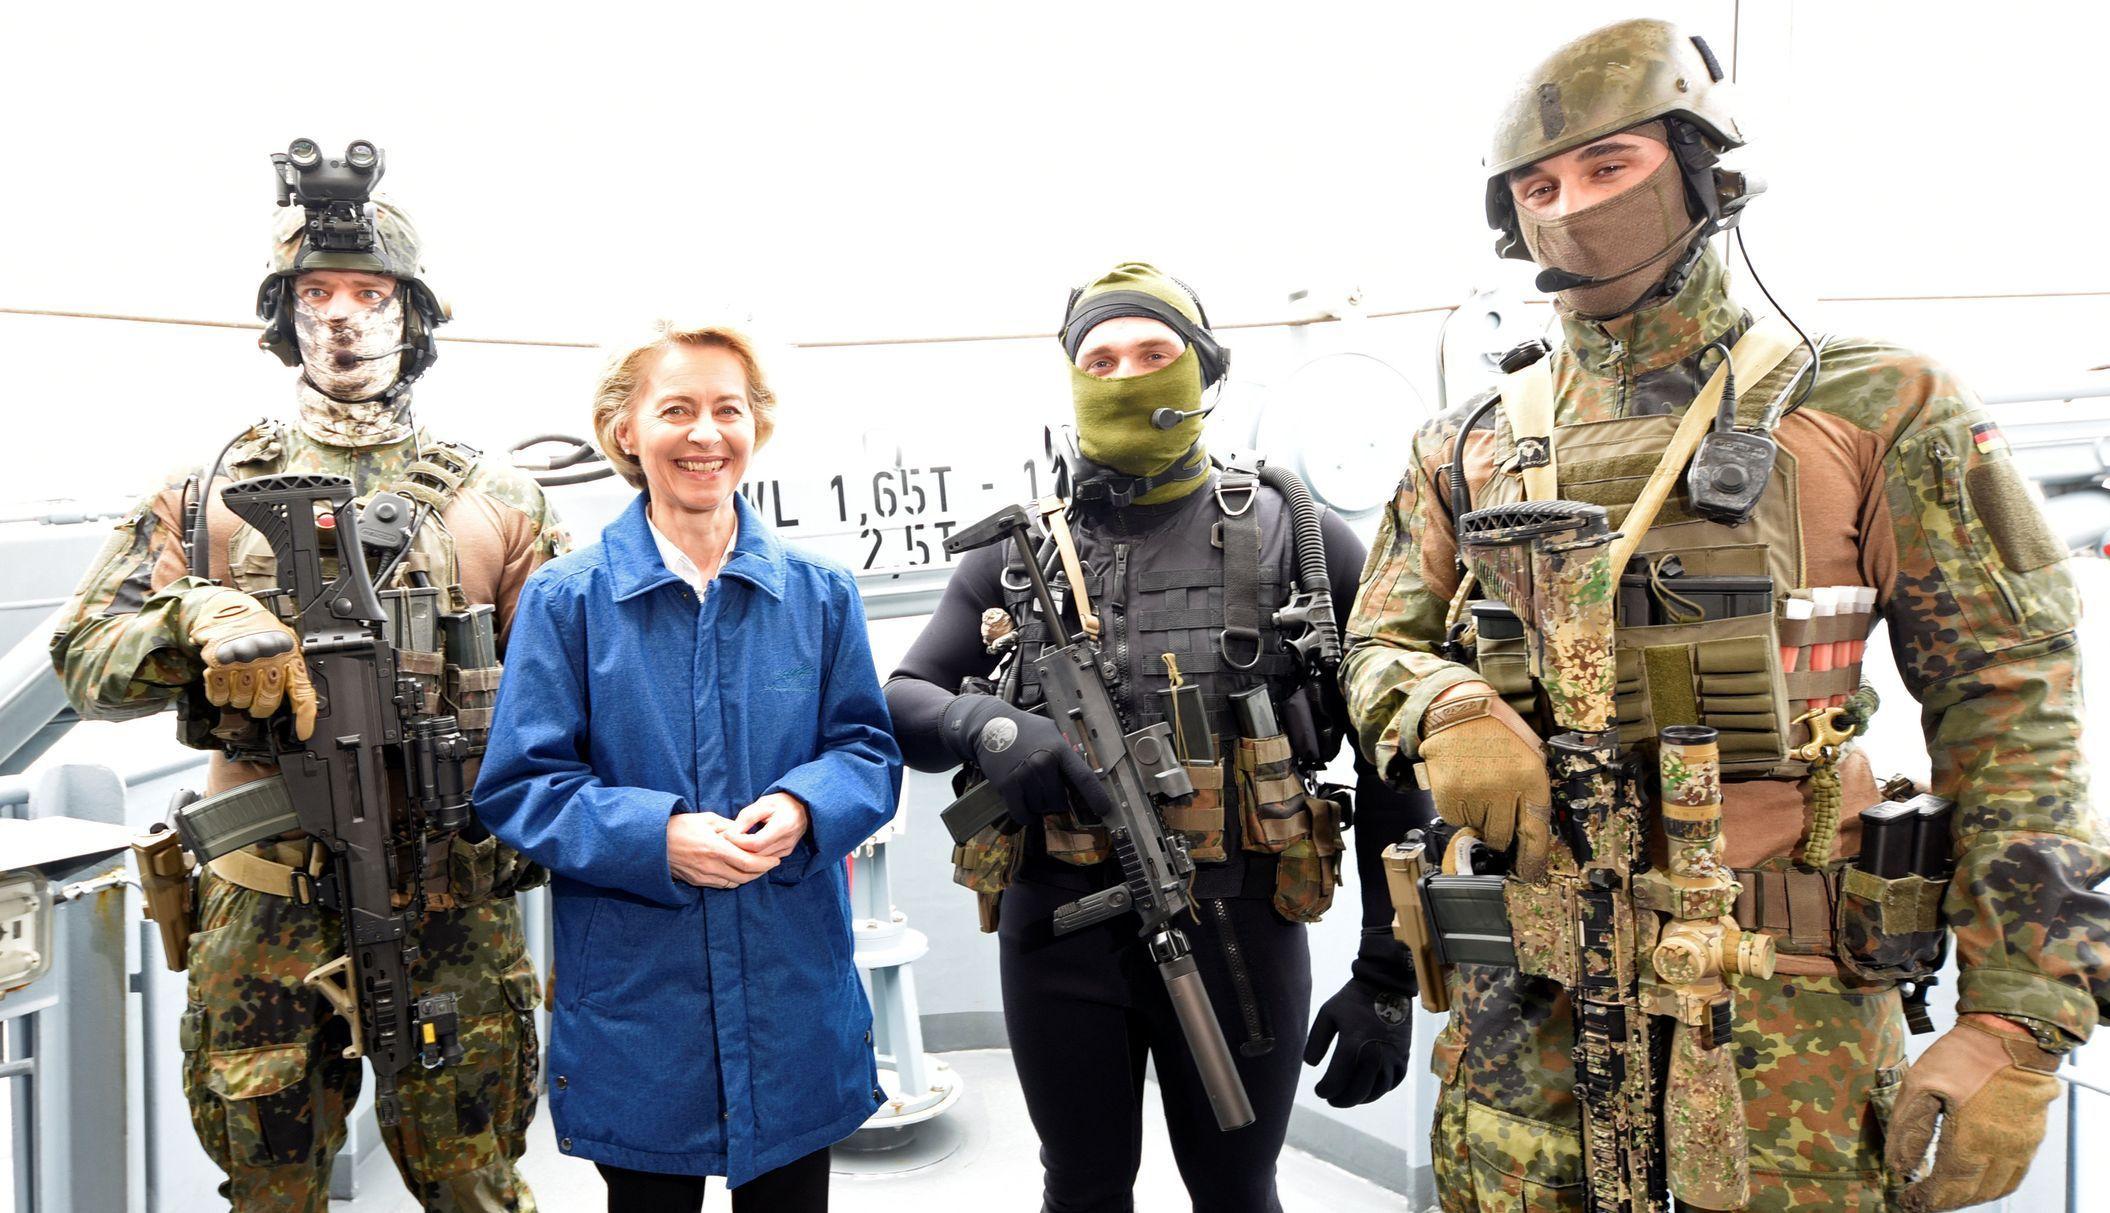 Německo armáda Bundeswehr Ursula von der Leyenová ministryně obrany na návštěvě u speciálních jednotek námořnictva v Kielu